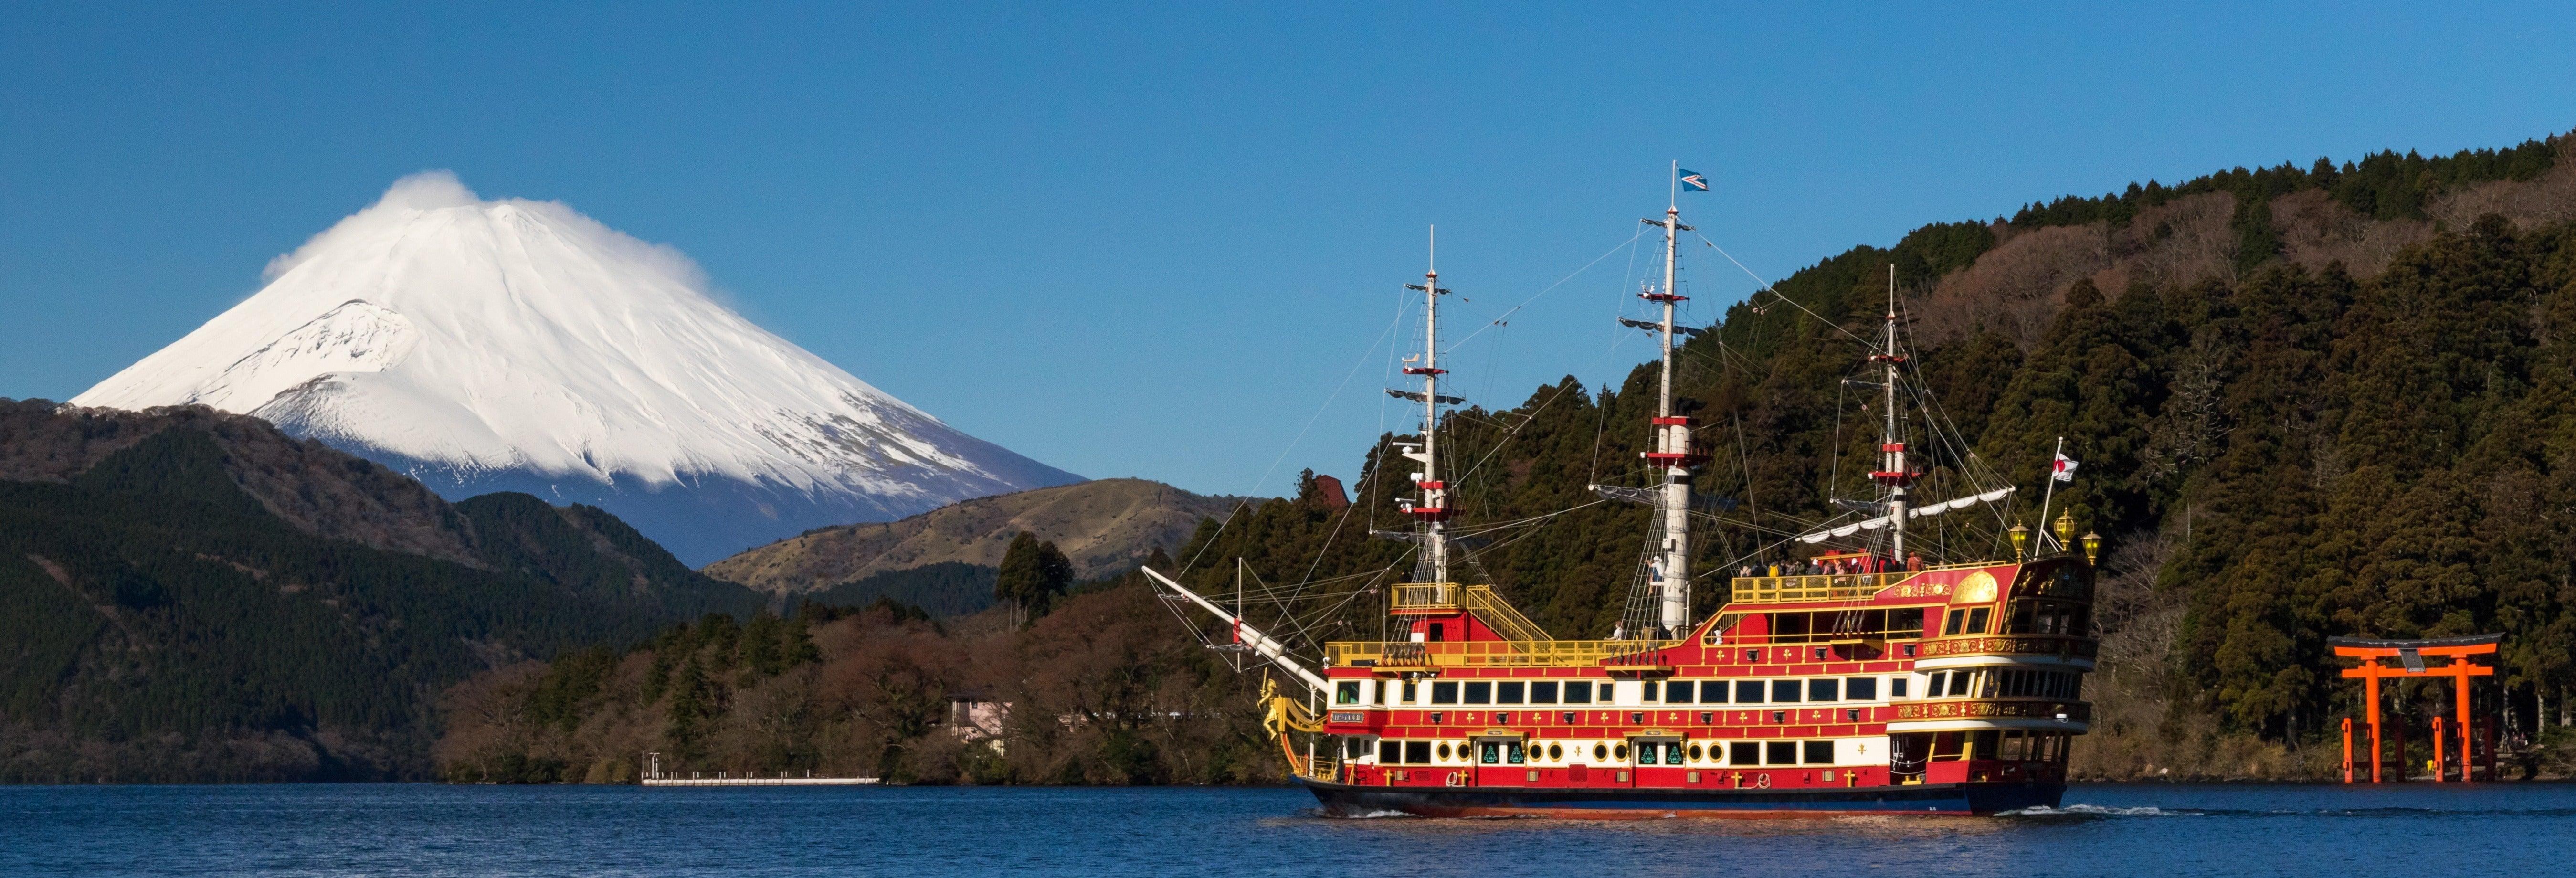 Lago Ashi, Owakudani e Gotemba Premium Outlets